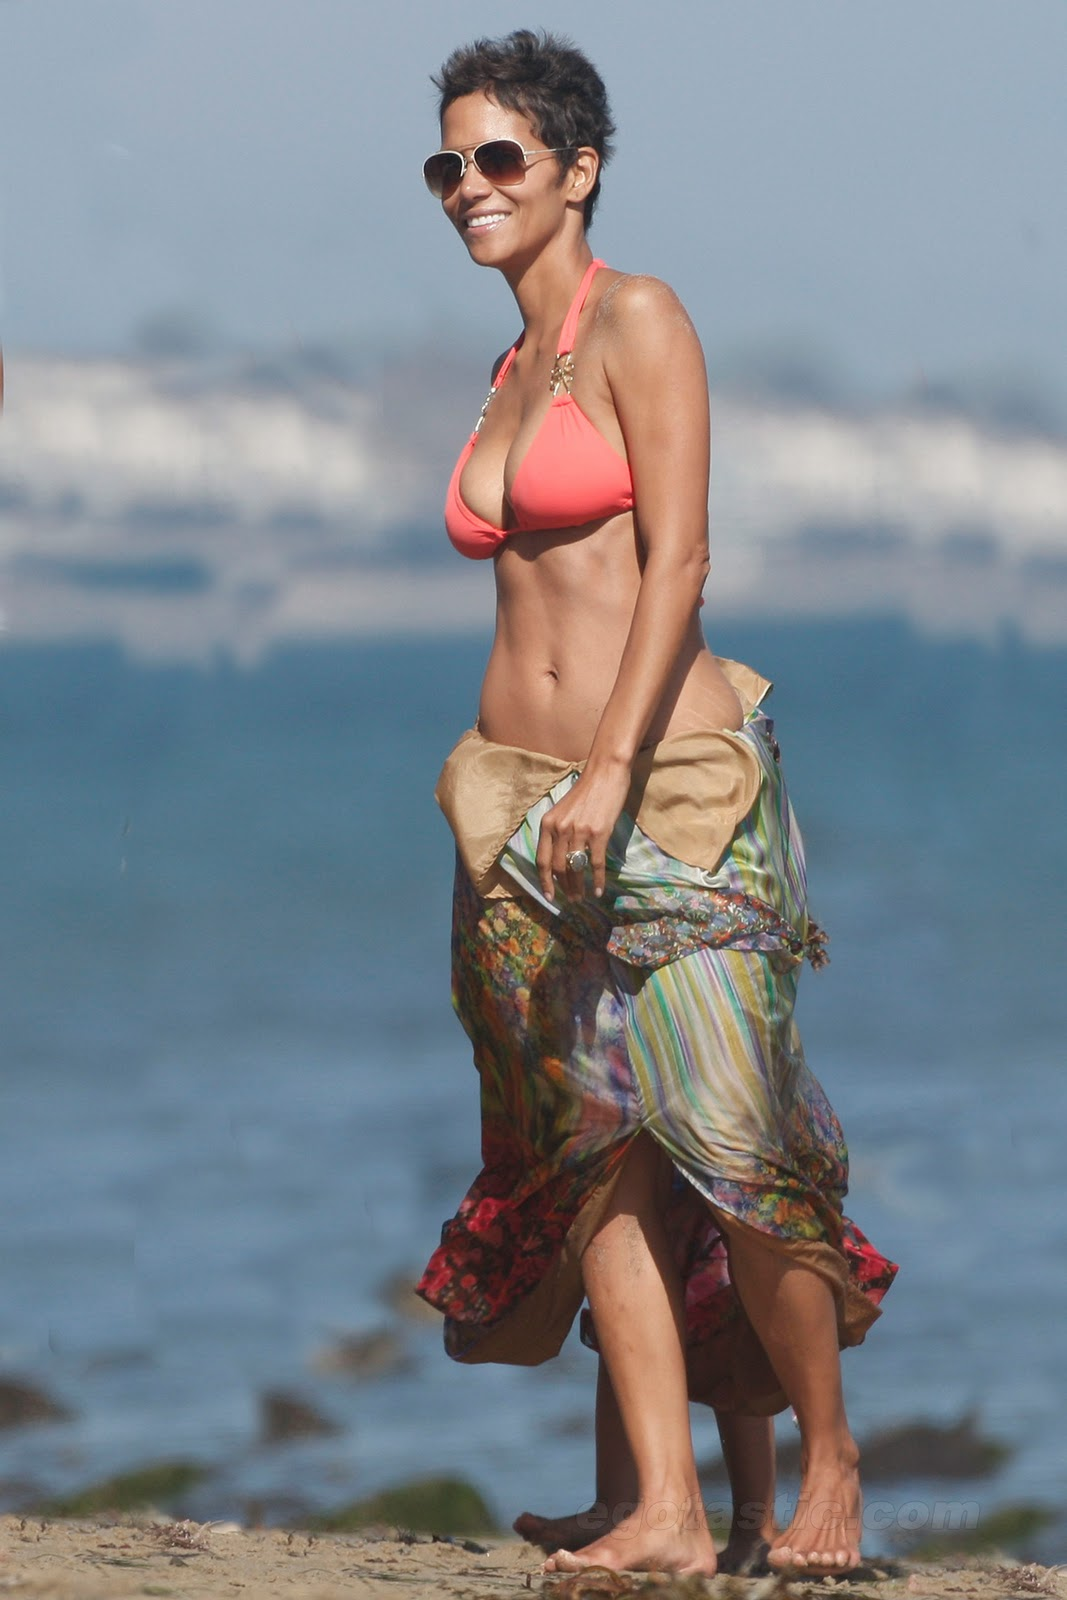 http://2.bp.blogspot.com/-hDD5ldbLNyA/ToSetW5K5kI/AAAAAAAAAdk/sMqQt0DDdqM/s1600/halle-berry-bikini-birthday-malibu-06.jpg